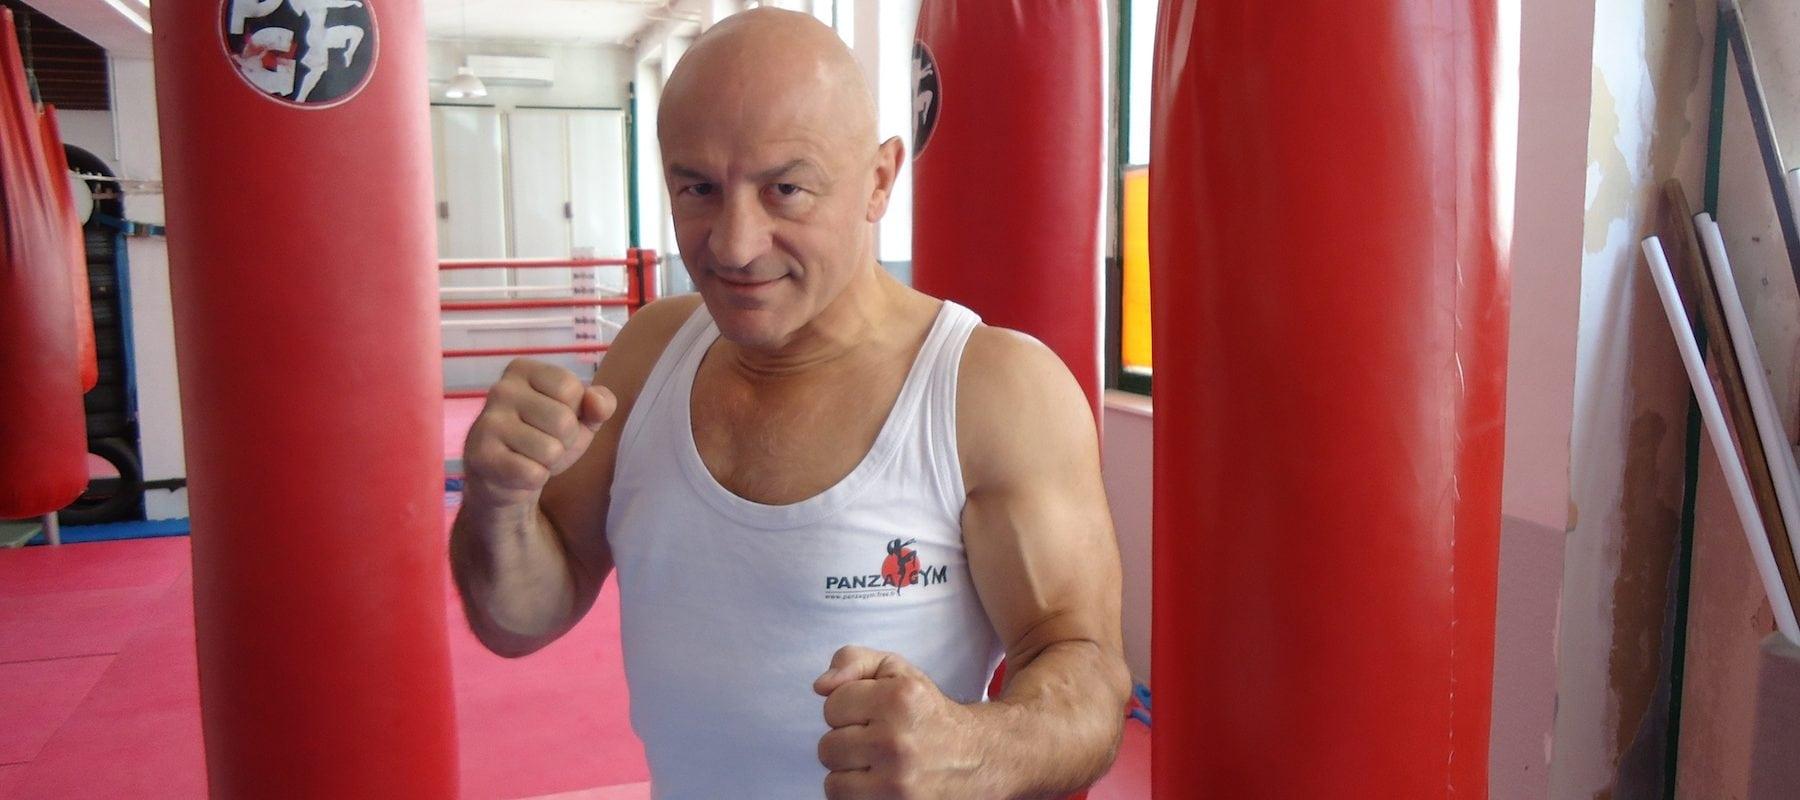 André Panza, alias Docteur KO, prescrit la longévité à travers la boxe